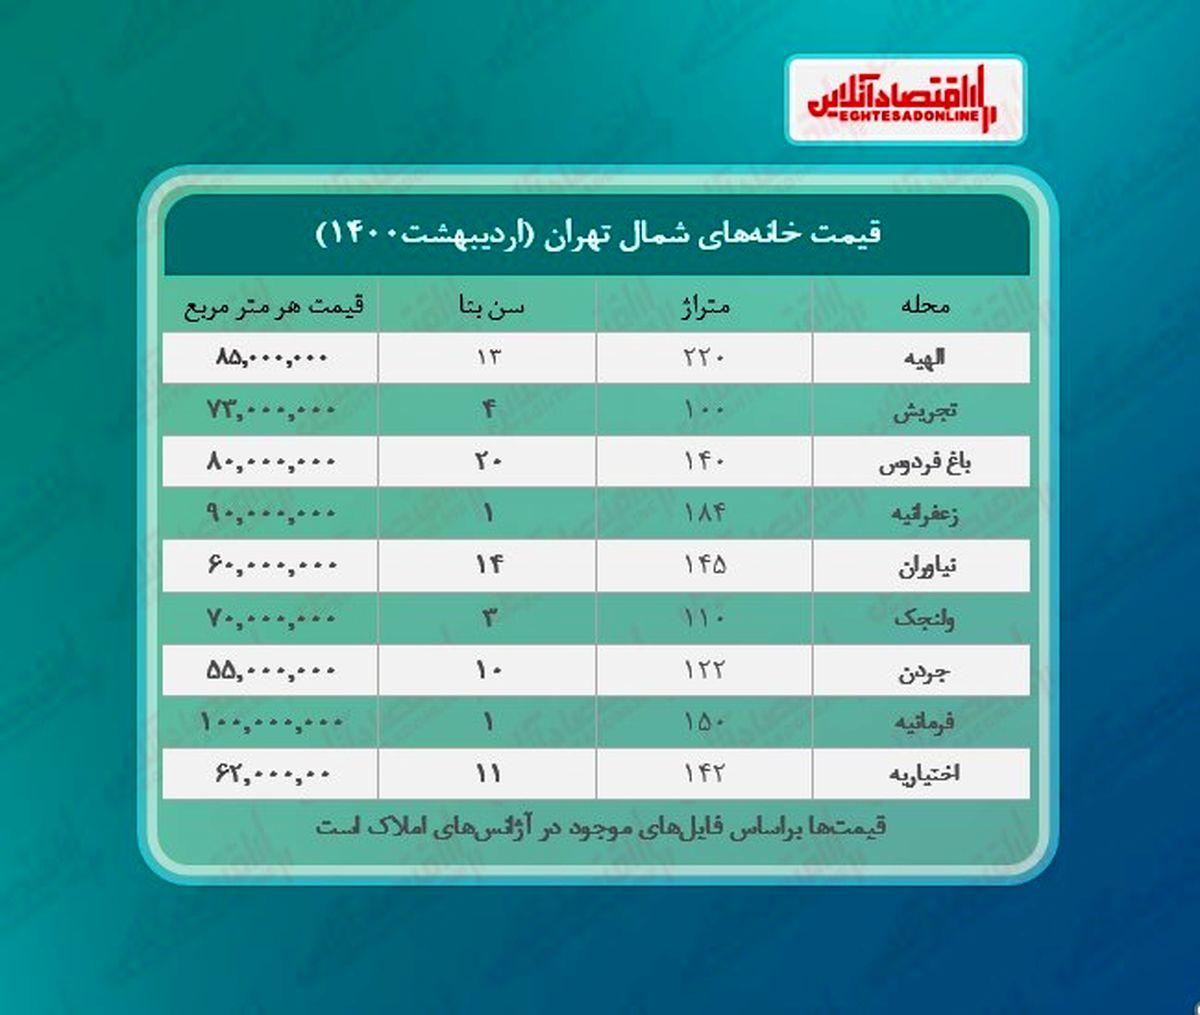 خانههای شمال تهران چند؟